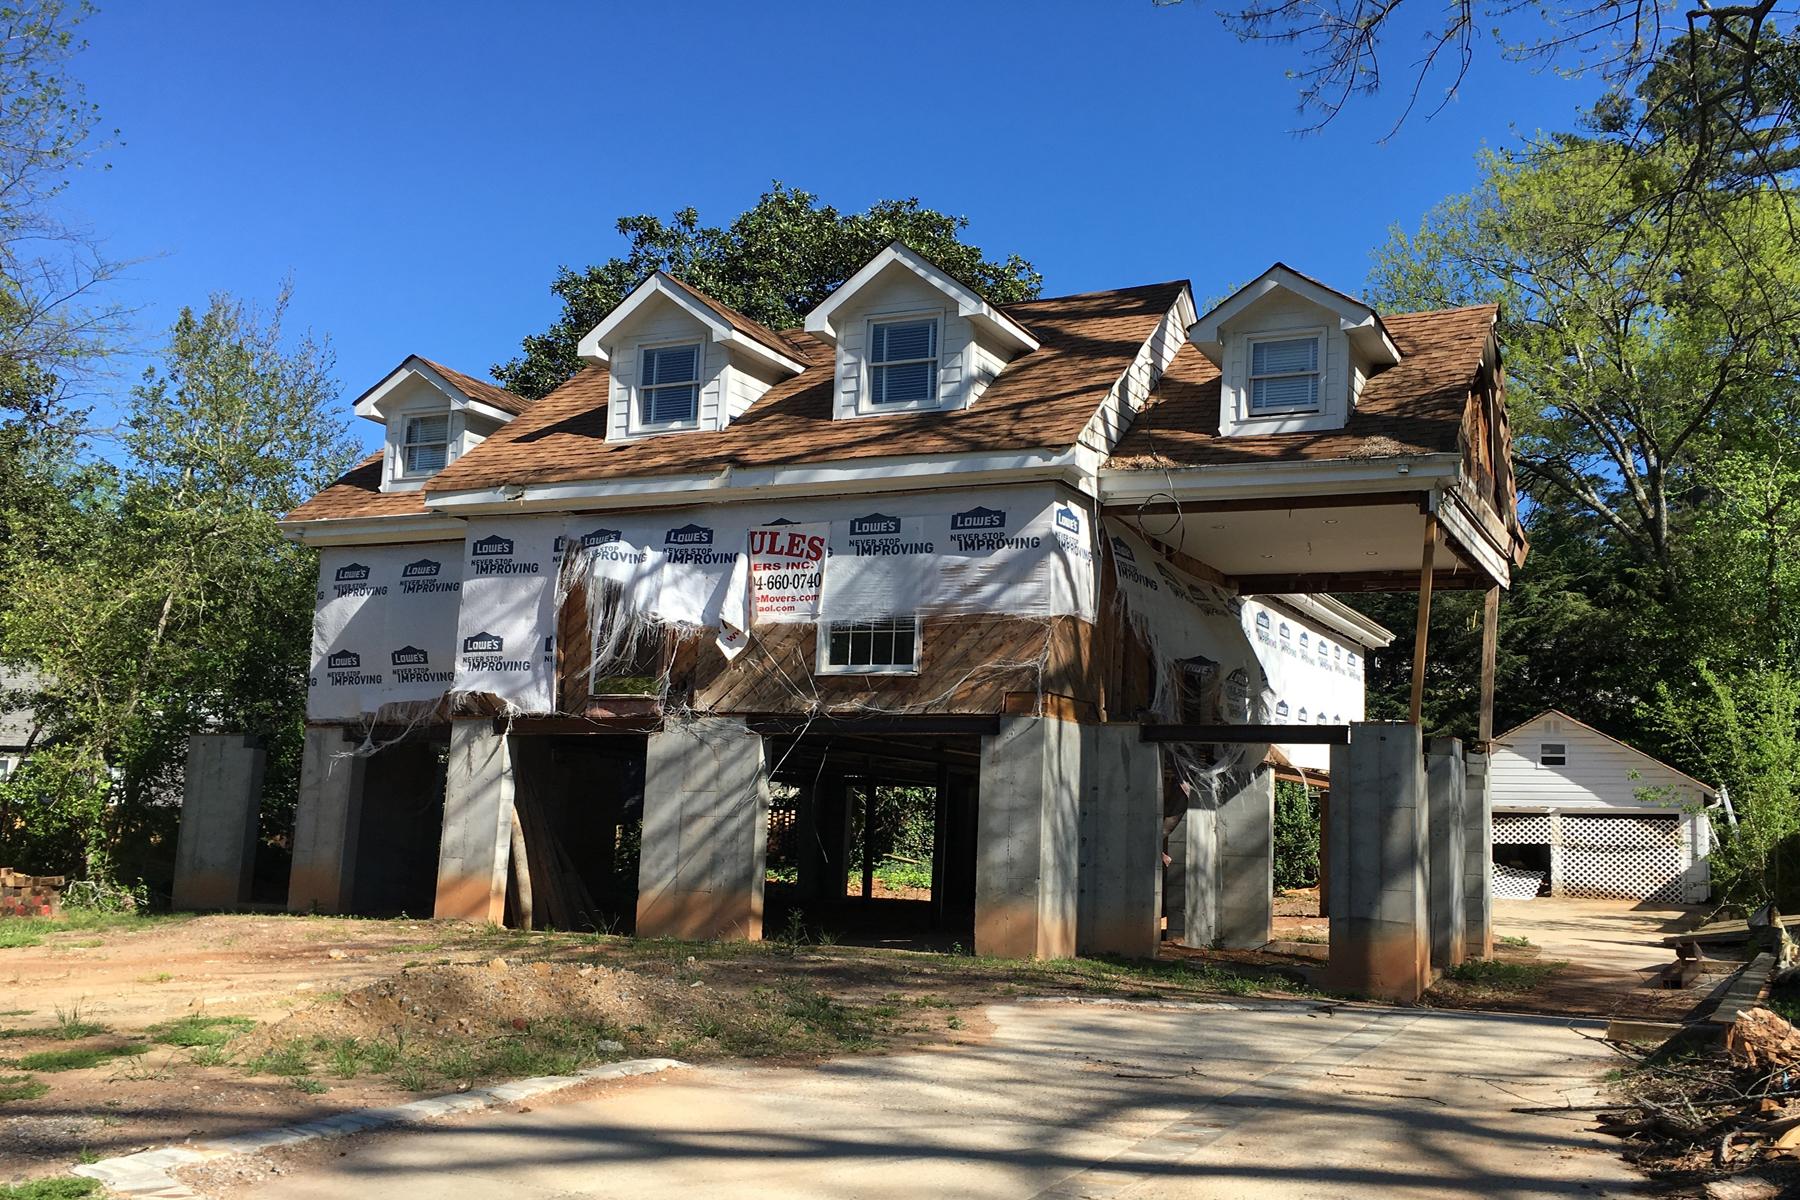 一戸建て のために 売買 アット New Construction Buckhead Homesite 559 Woodward Way NW Haynes Manor, Atlanta, ジョージア, 30305 アメリカ合衆国